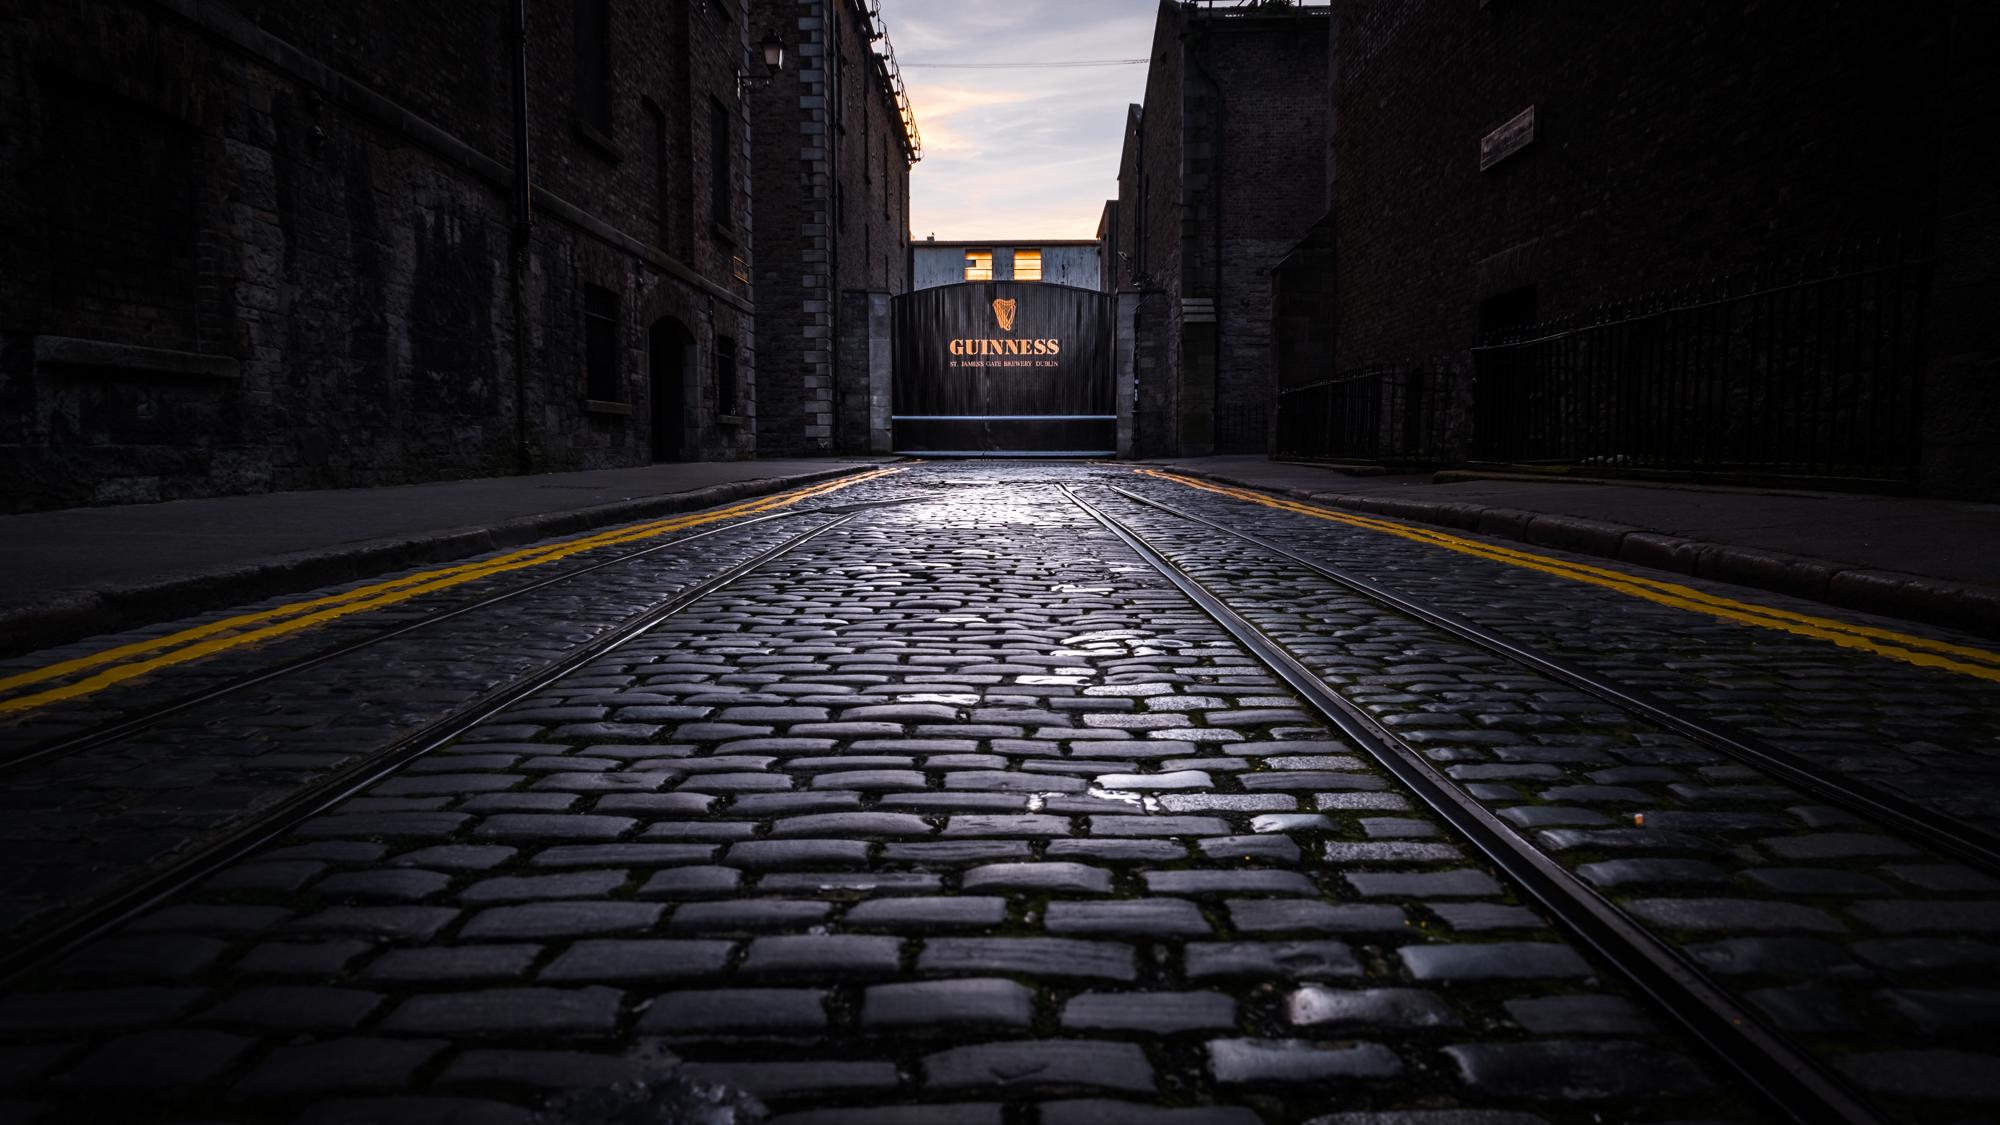 St. James' Gate at the Guinness Storehouse in Dublin